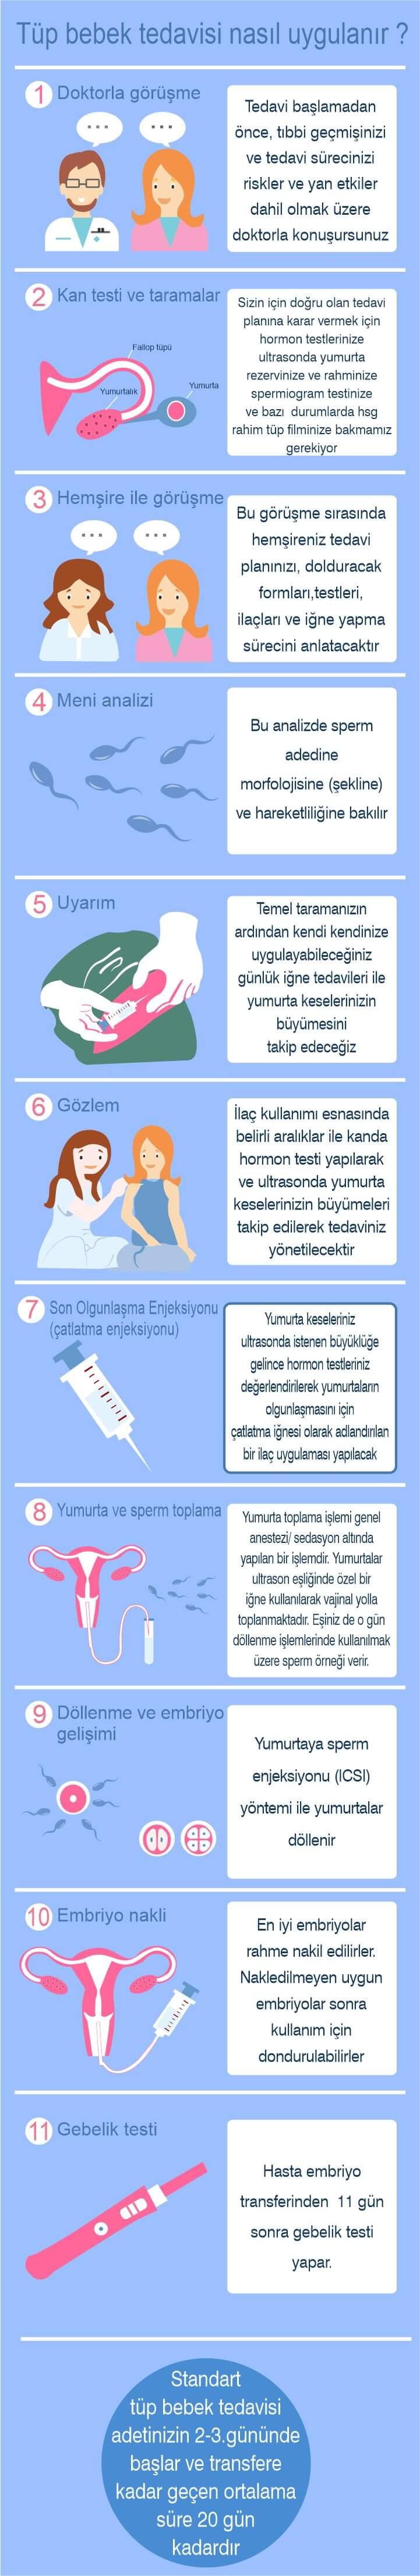 tüp bebek tedavisi nasıl uygulanır